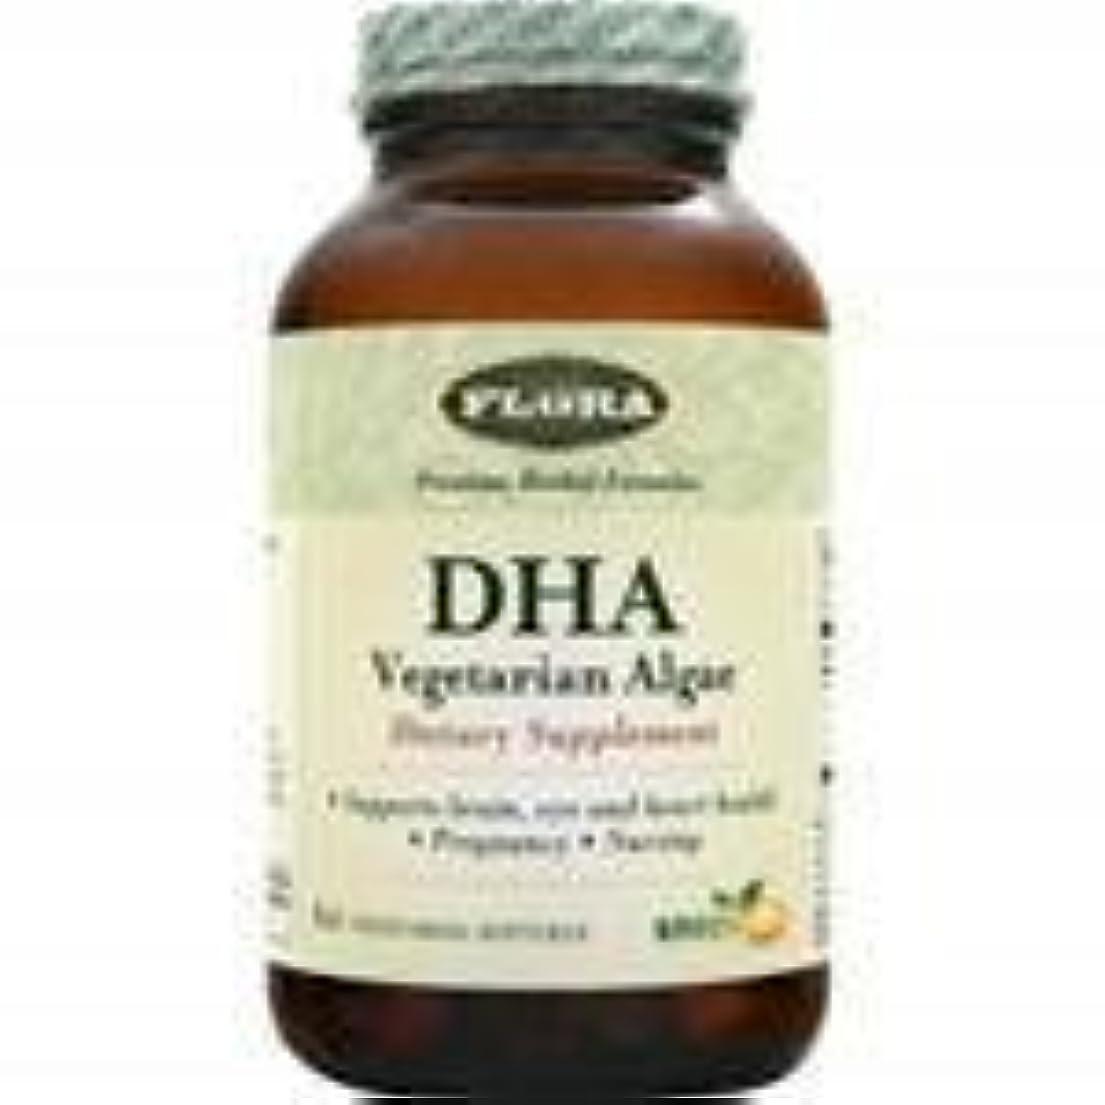 サスティーン採用する廃棄するDHA - ベジタリアン藻類 60 ソフトジェル 2個パック